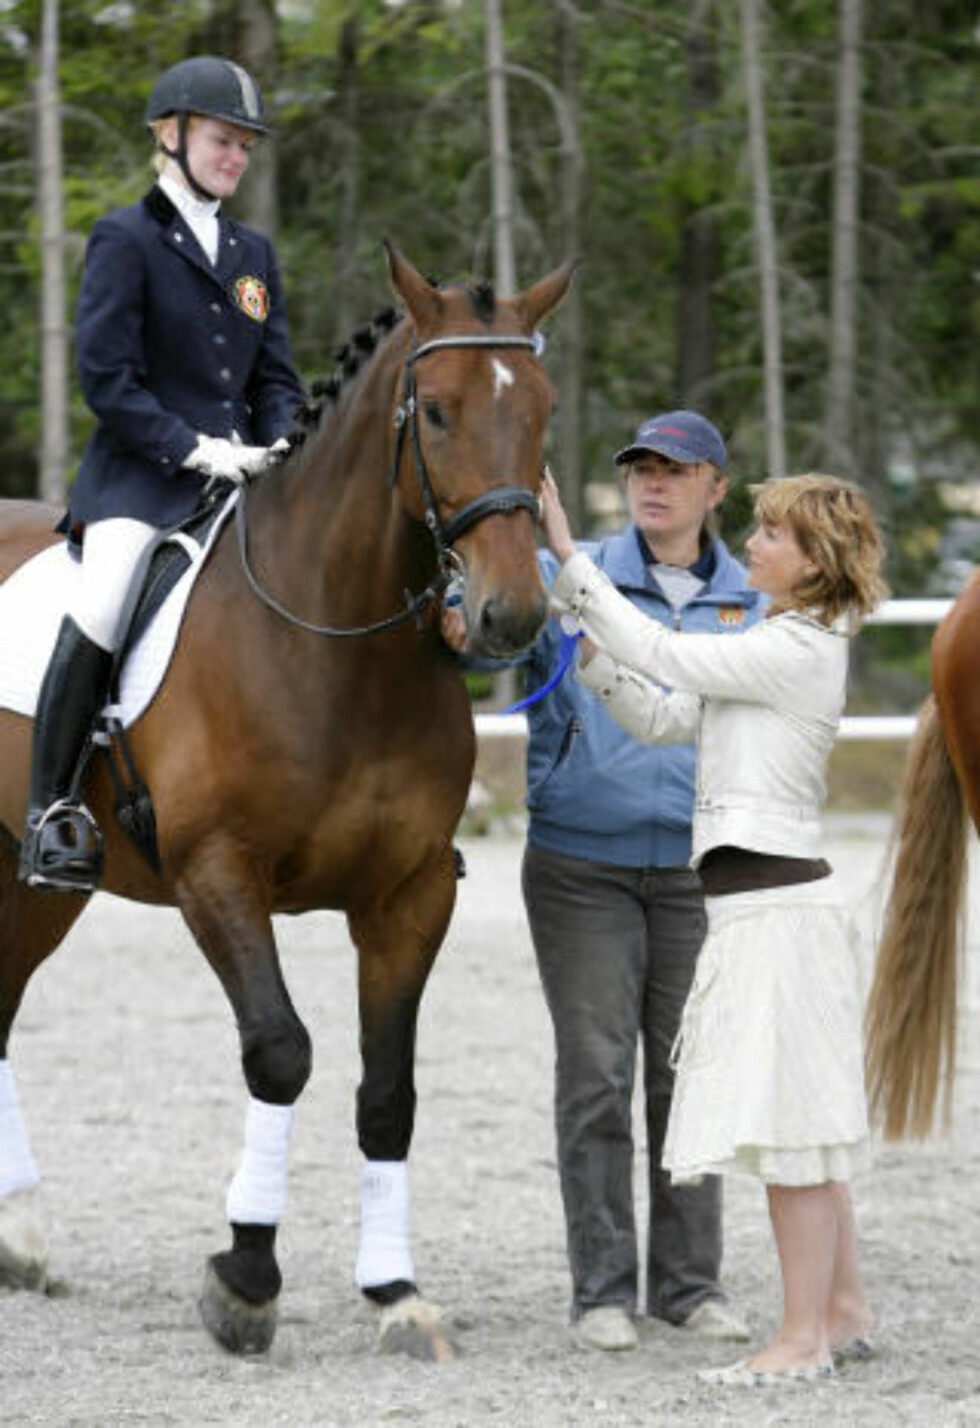 KONGELIG PREMIE:  Her overrekker prinsesse Märtha Louise medalje til Mariette Garborg med hesten Luthar under et ridestevne for funksjonshemmede i 2007. Foto: Tor Erik Schrøder / SCANPIX